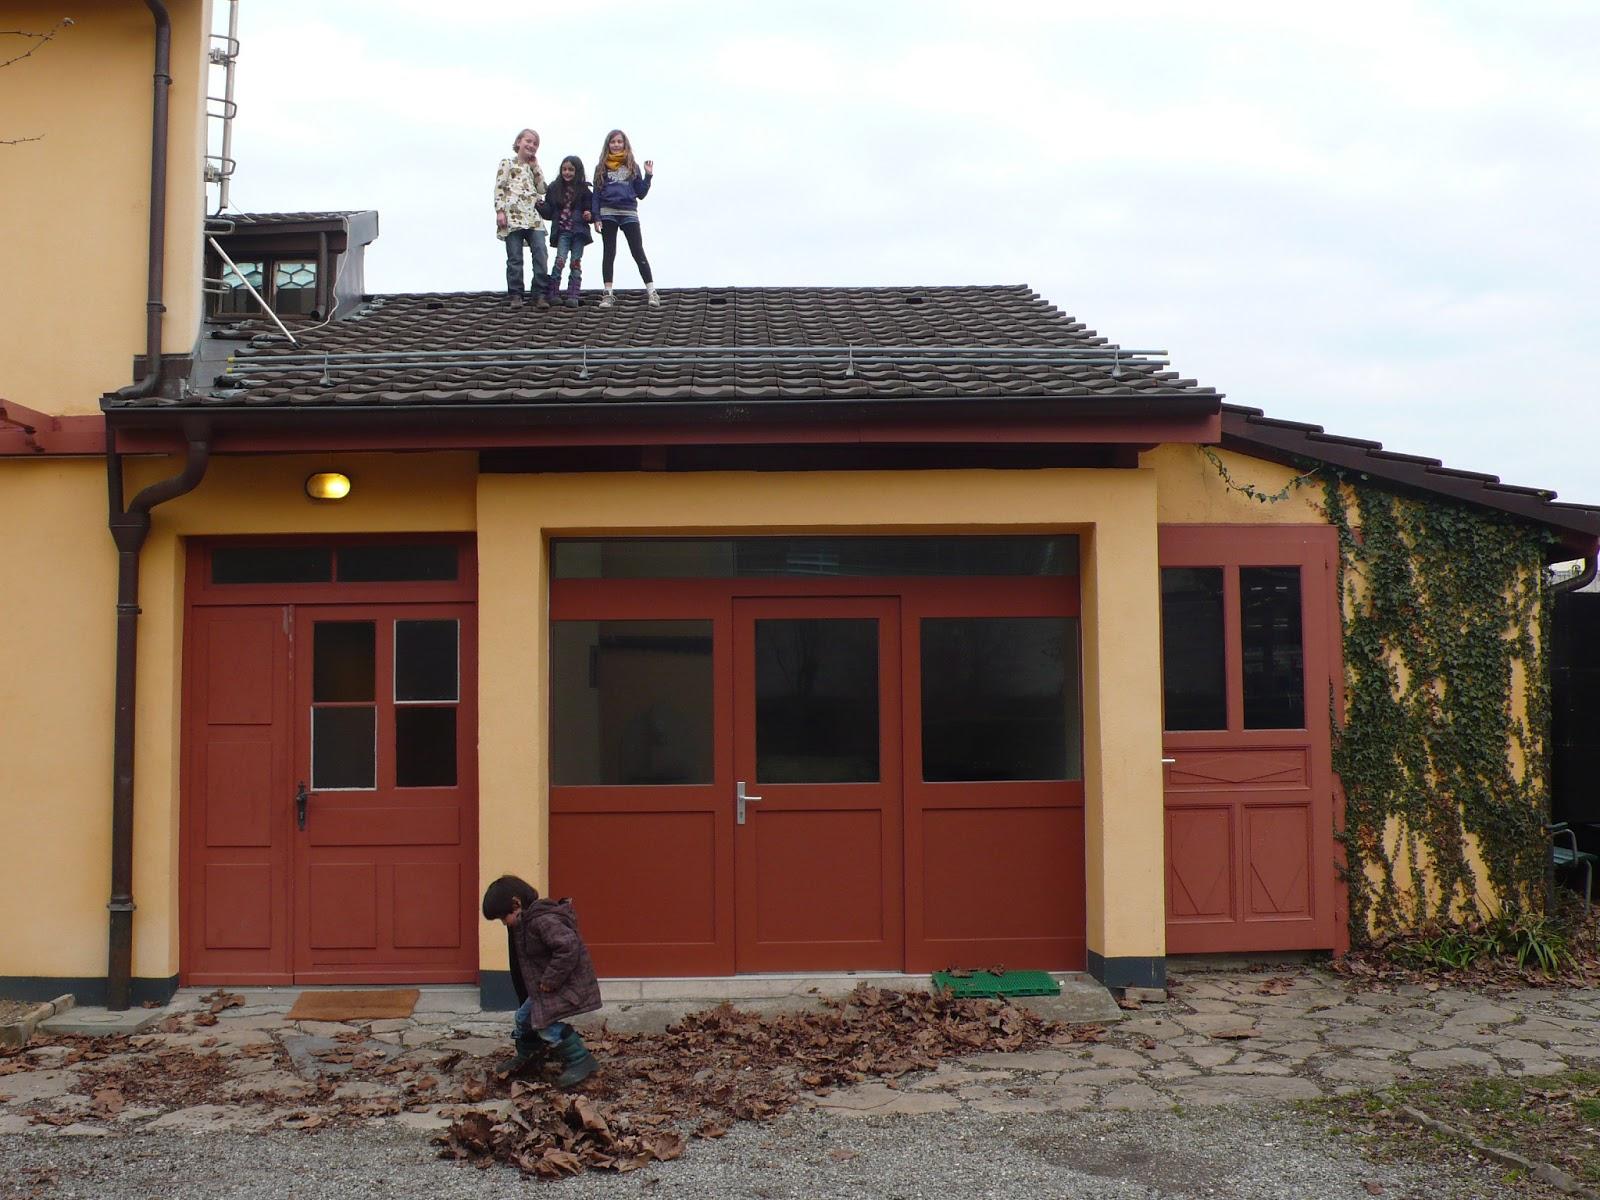 Tonamiepourtoujours maison baron annexe for Annexe garage